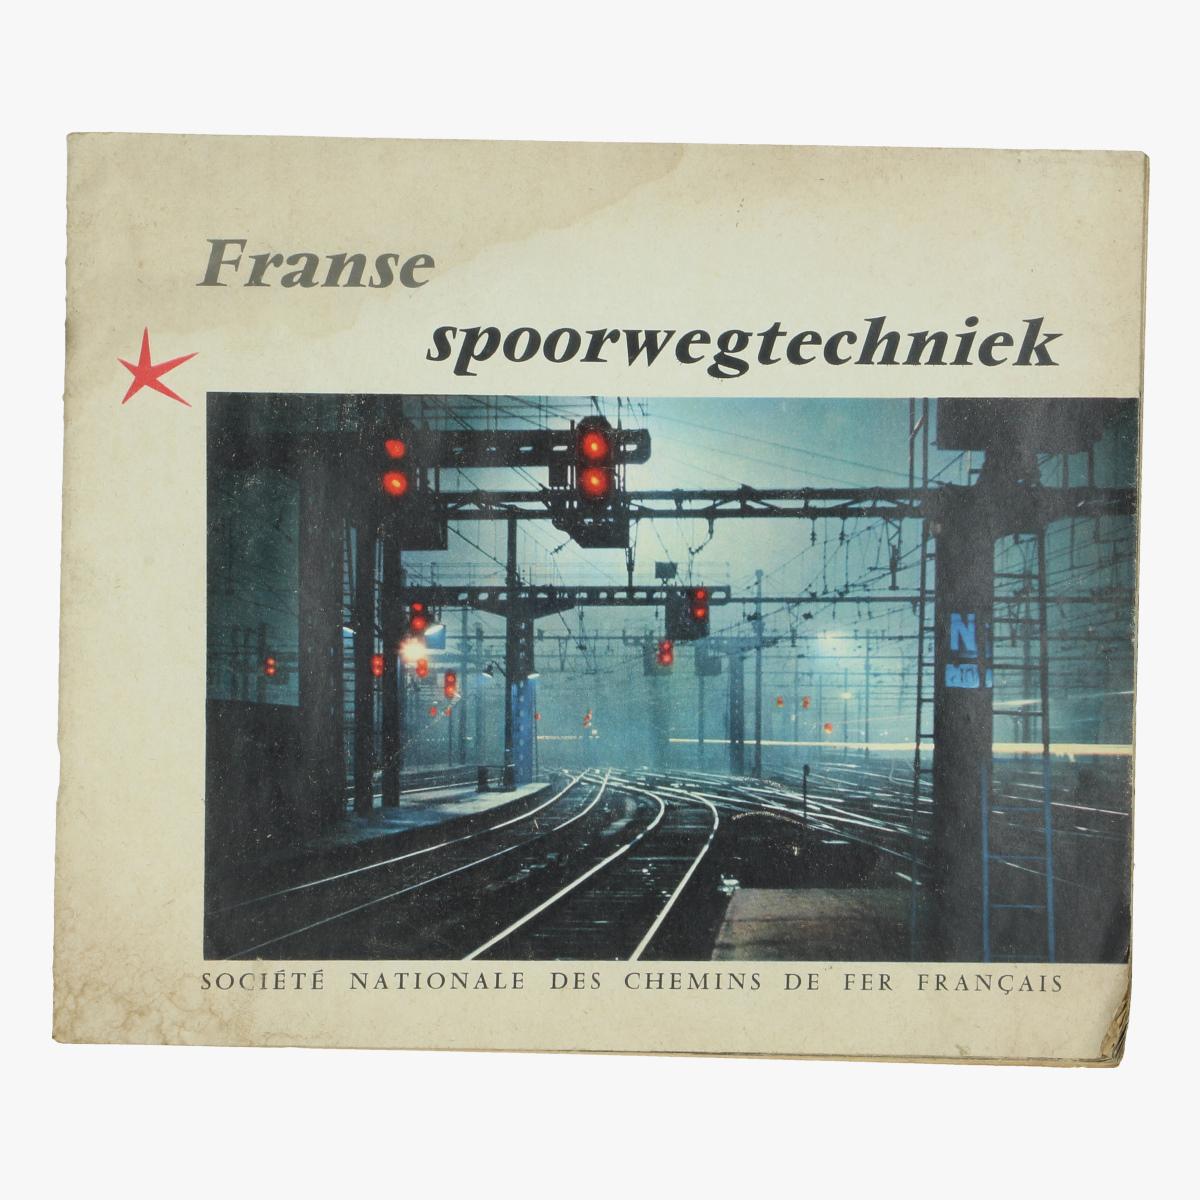 Afbeeldingen van expo 58 franse spoorwegtechniek société nationale des chemins de fer français